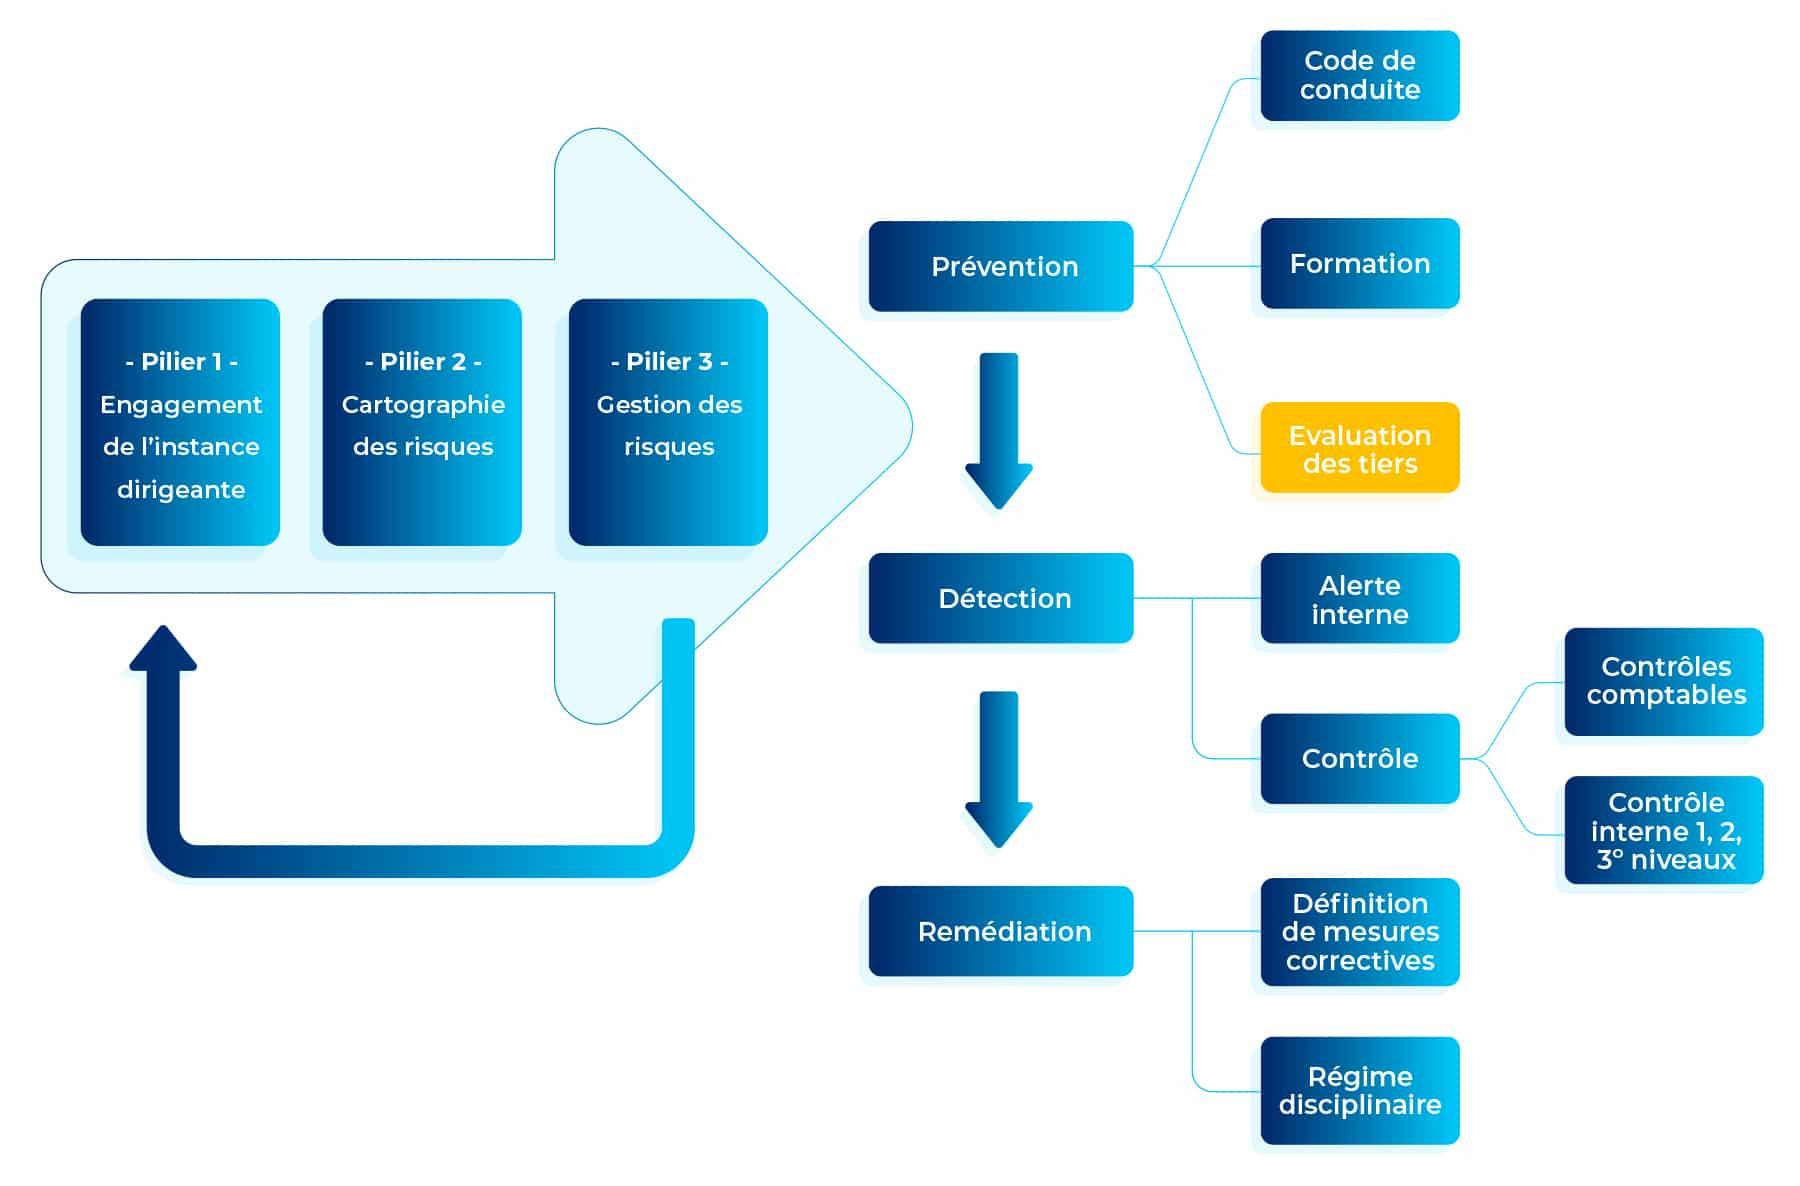 Schéma AFA - Loi Sapin 2